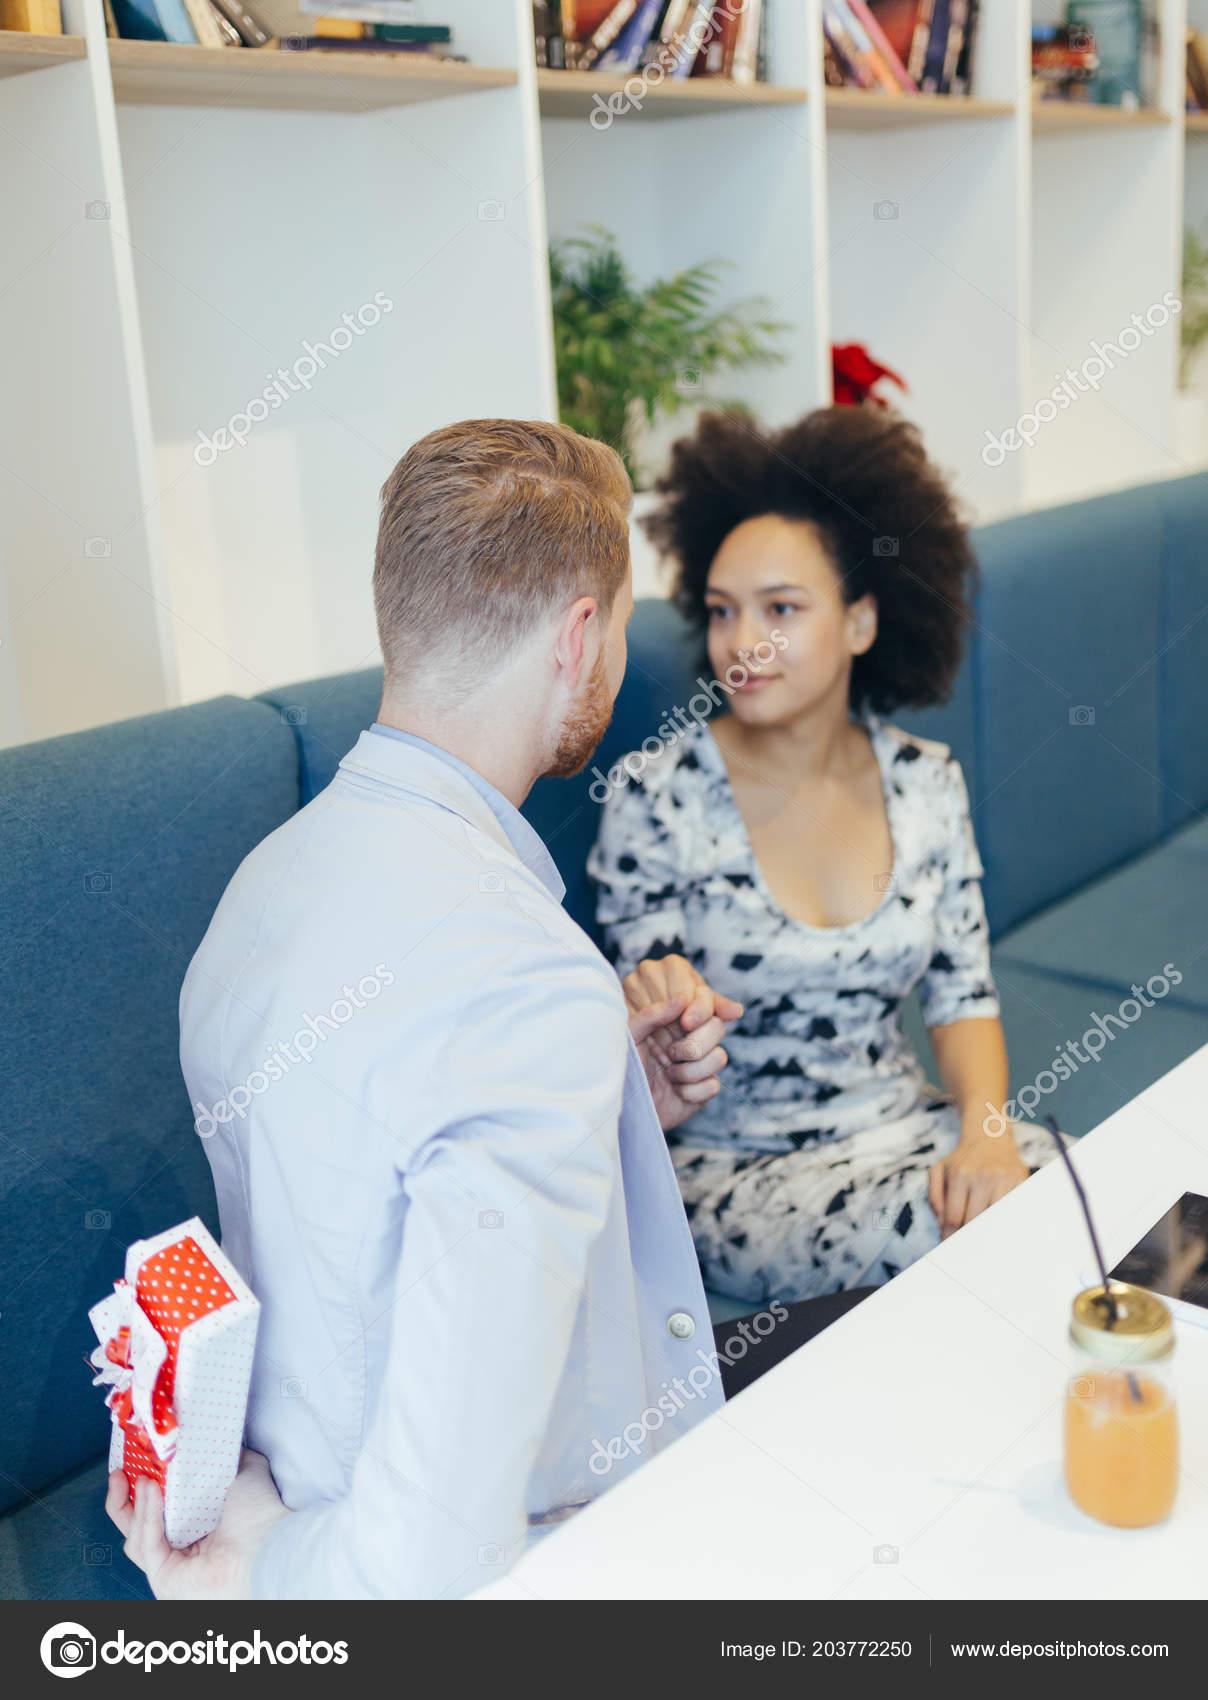 Obstetrisk dating tillförlitlighet